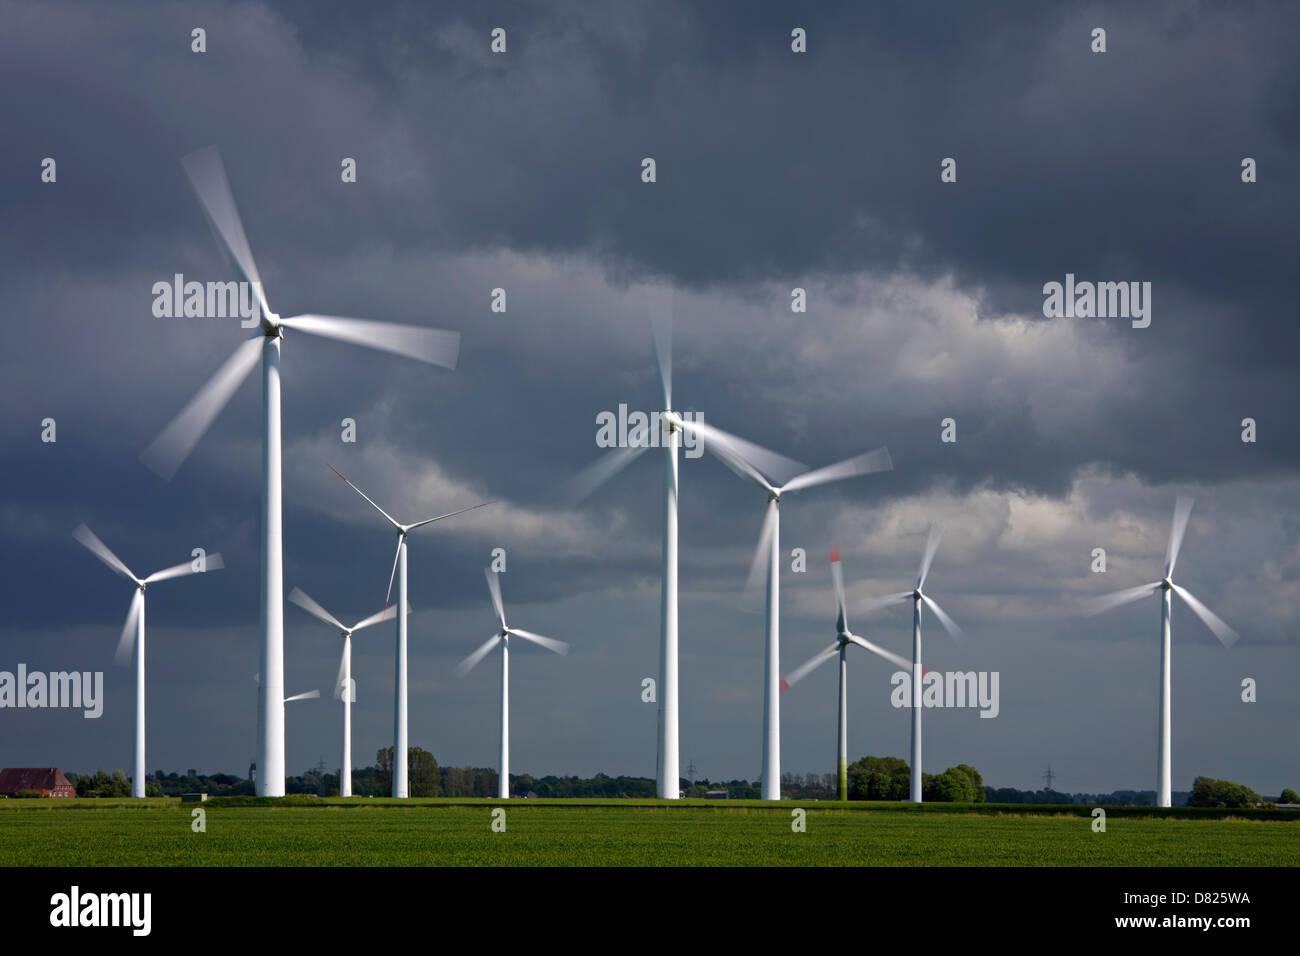 Motion borrosa en aerogeneradores de parques eólicos, energía renovable Imagen De Stock